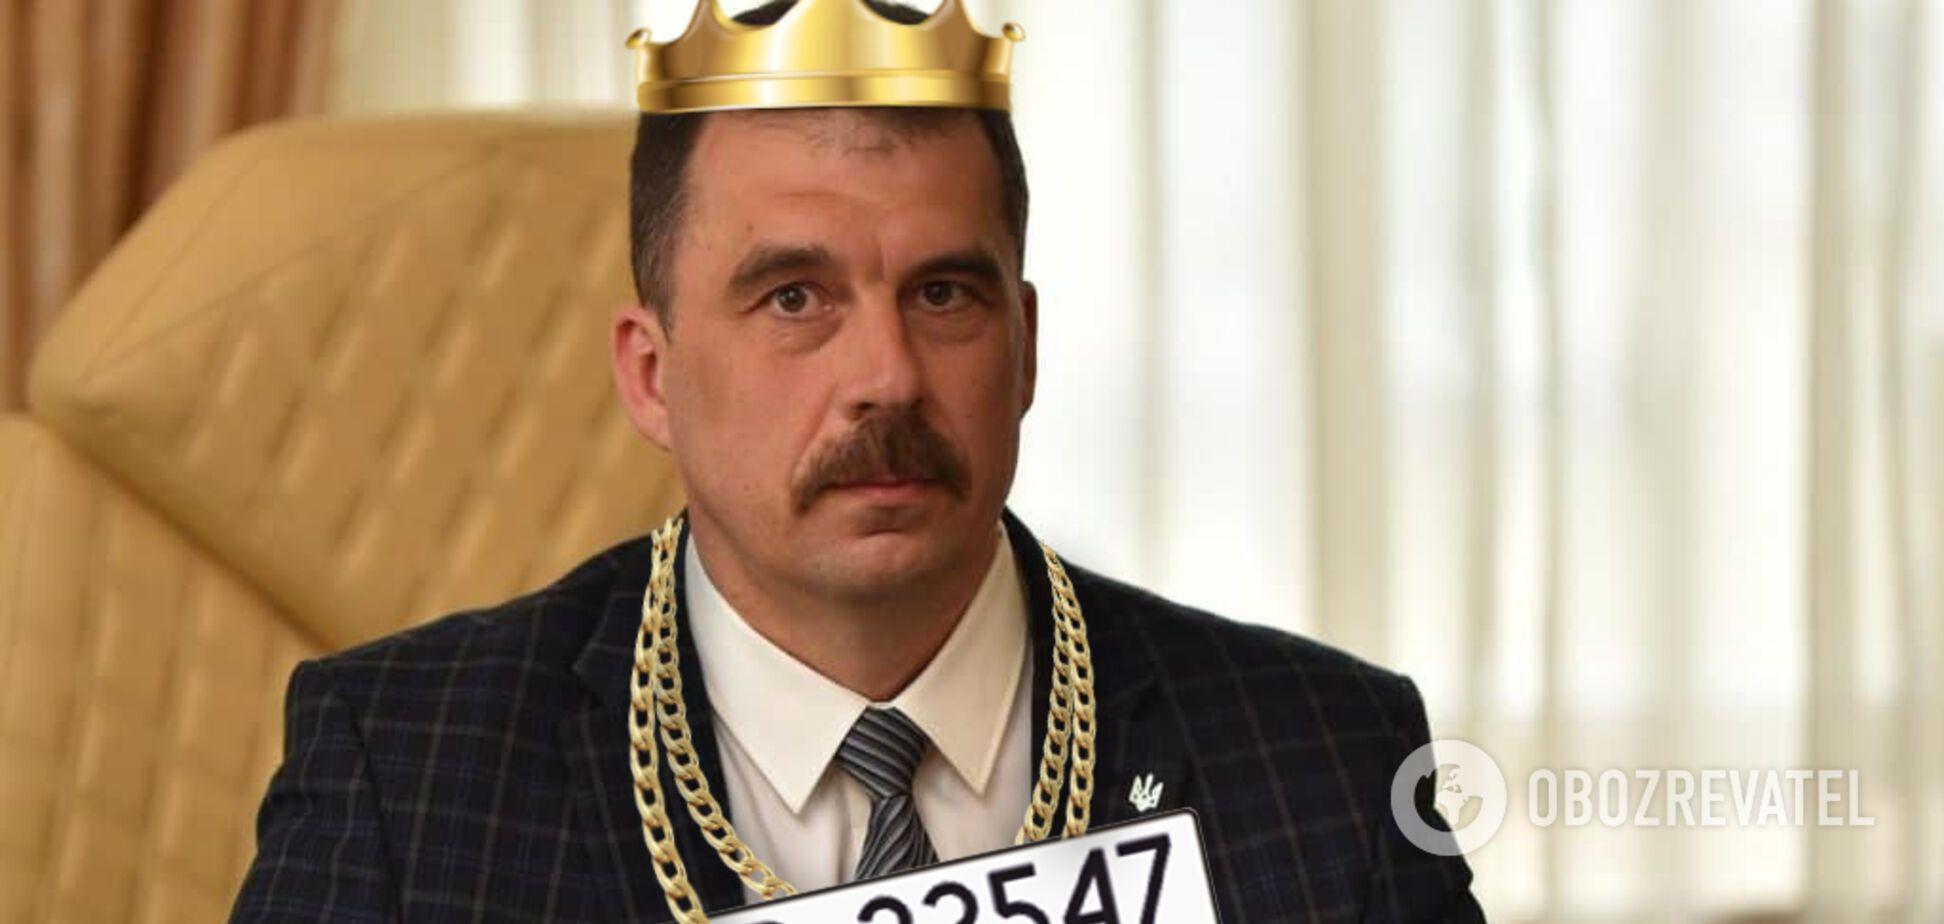 Сергей Панчук - один из главных таможенников